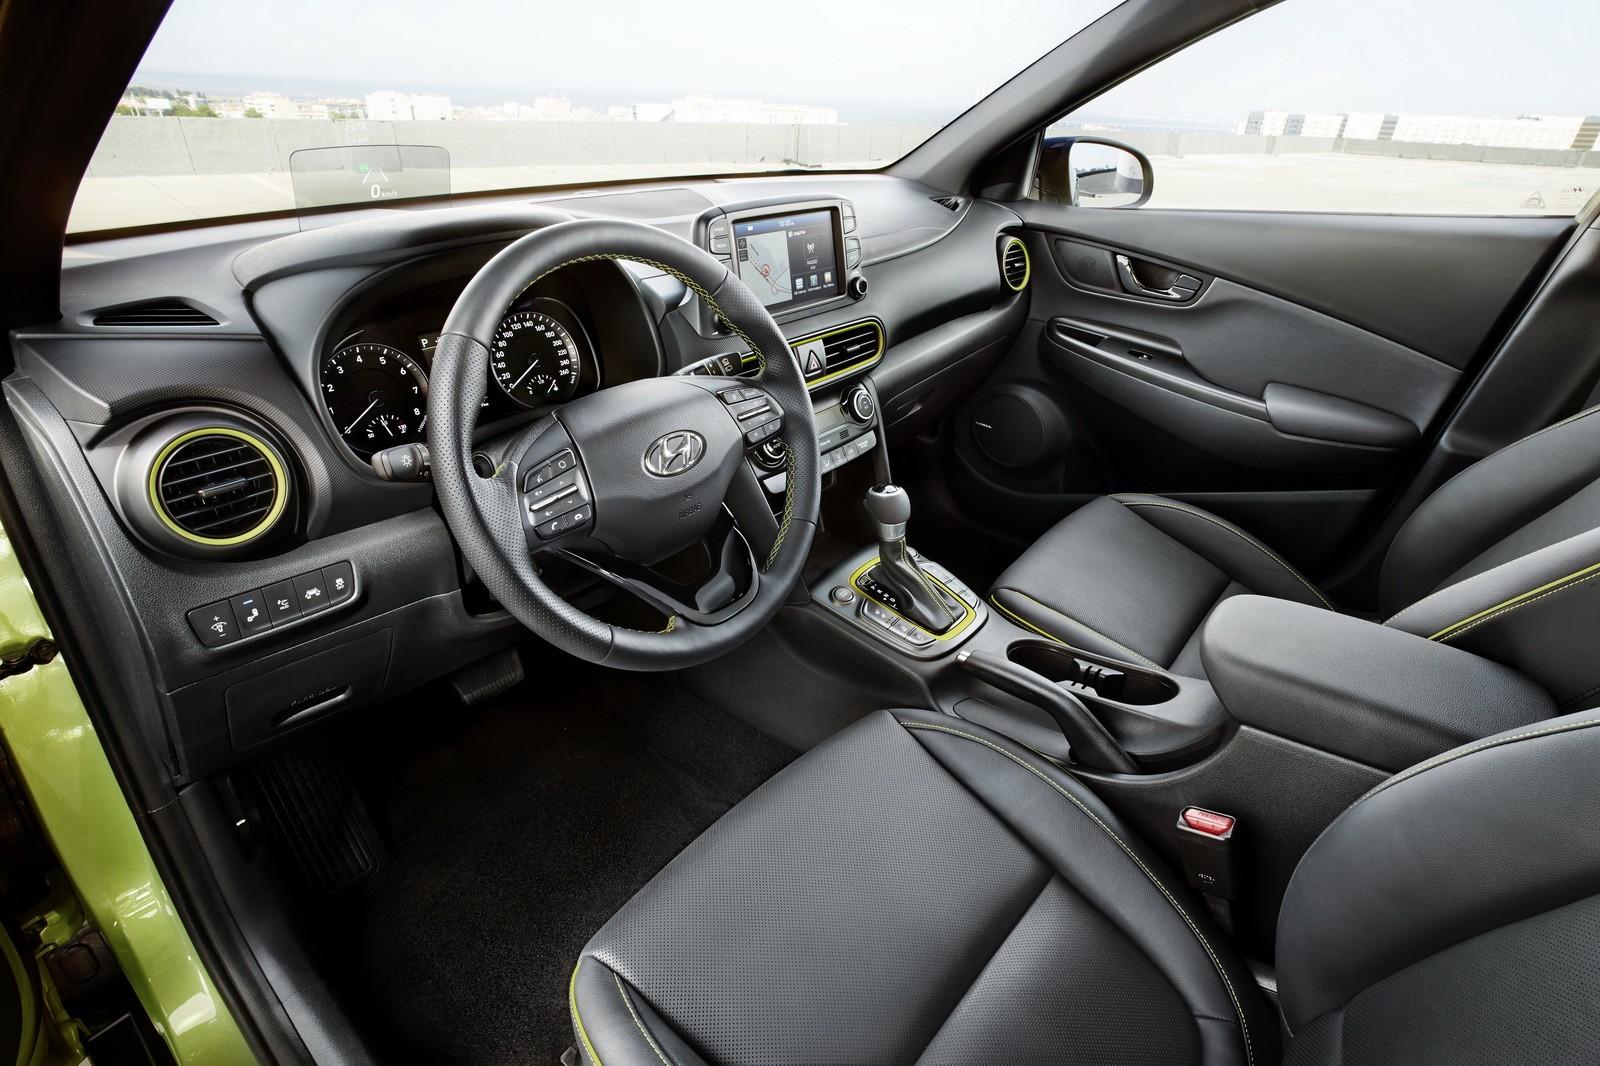 Xe++ - Hyundai Kona đã sẵn sàng 'hạ cánh' tại Anh, giá từ 489,1 triệu đồng (Hình 5).